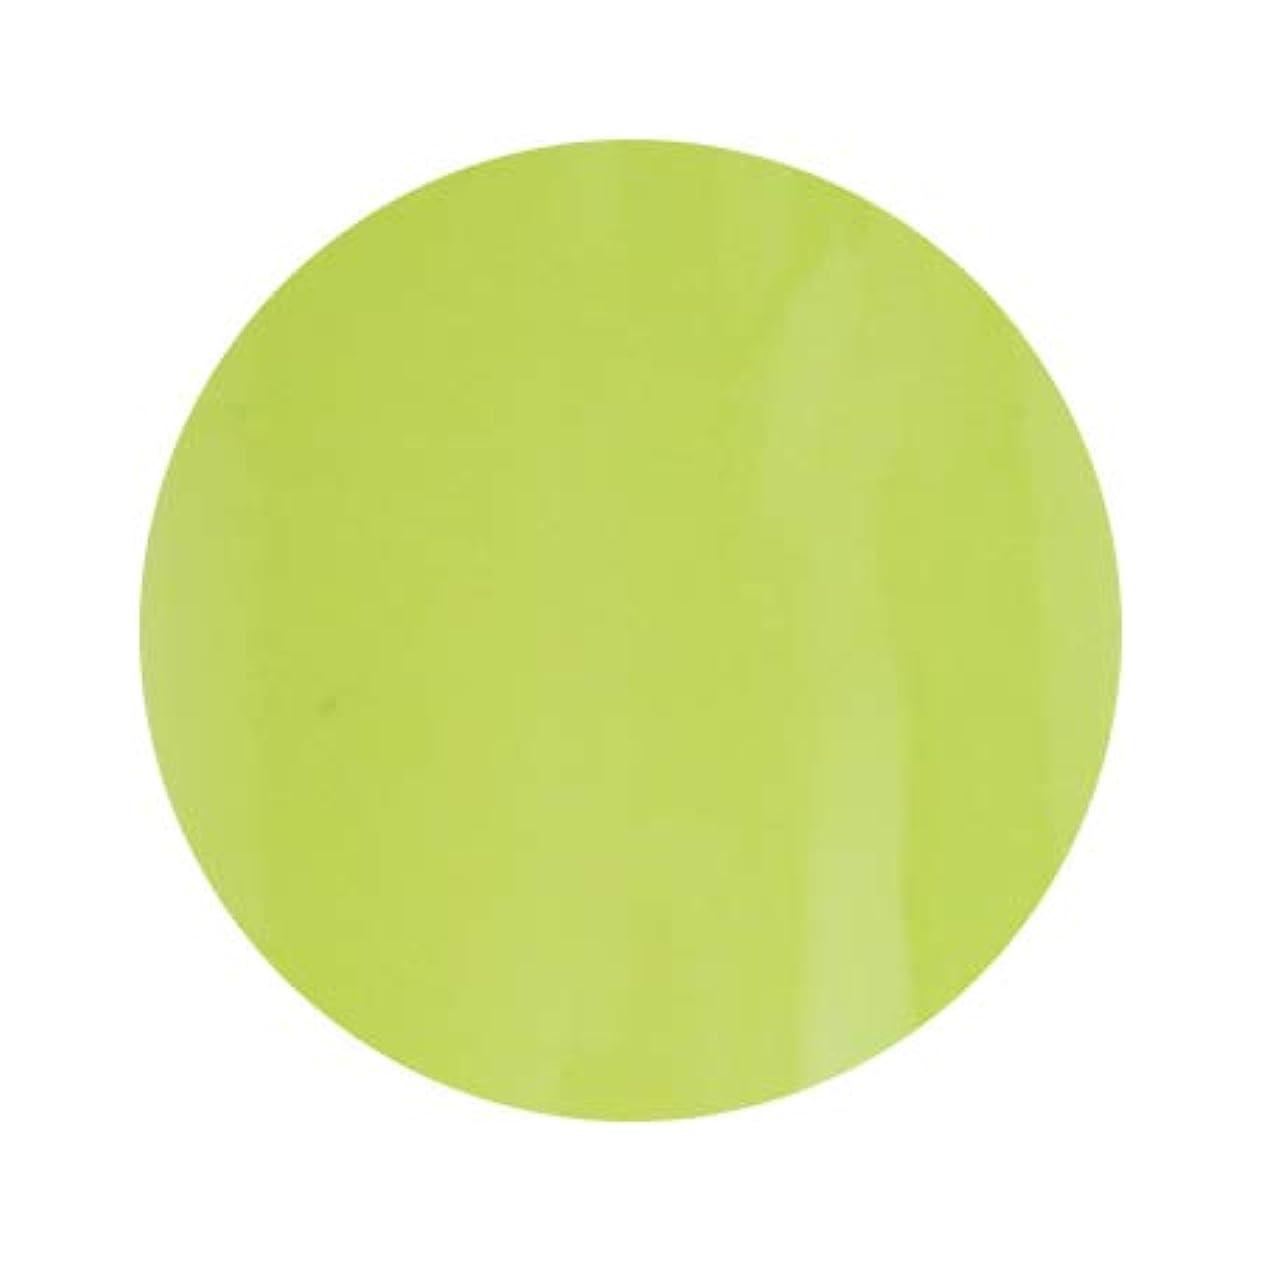 教えて球体評論家LUCU GEL ルクジェル カラー GRS03 ペリドット 3.5g